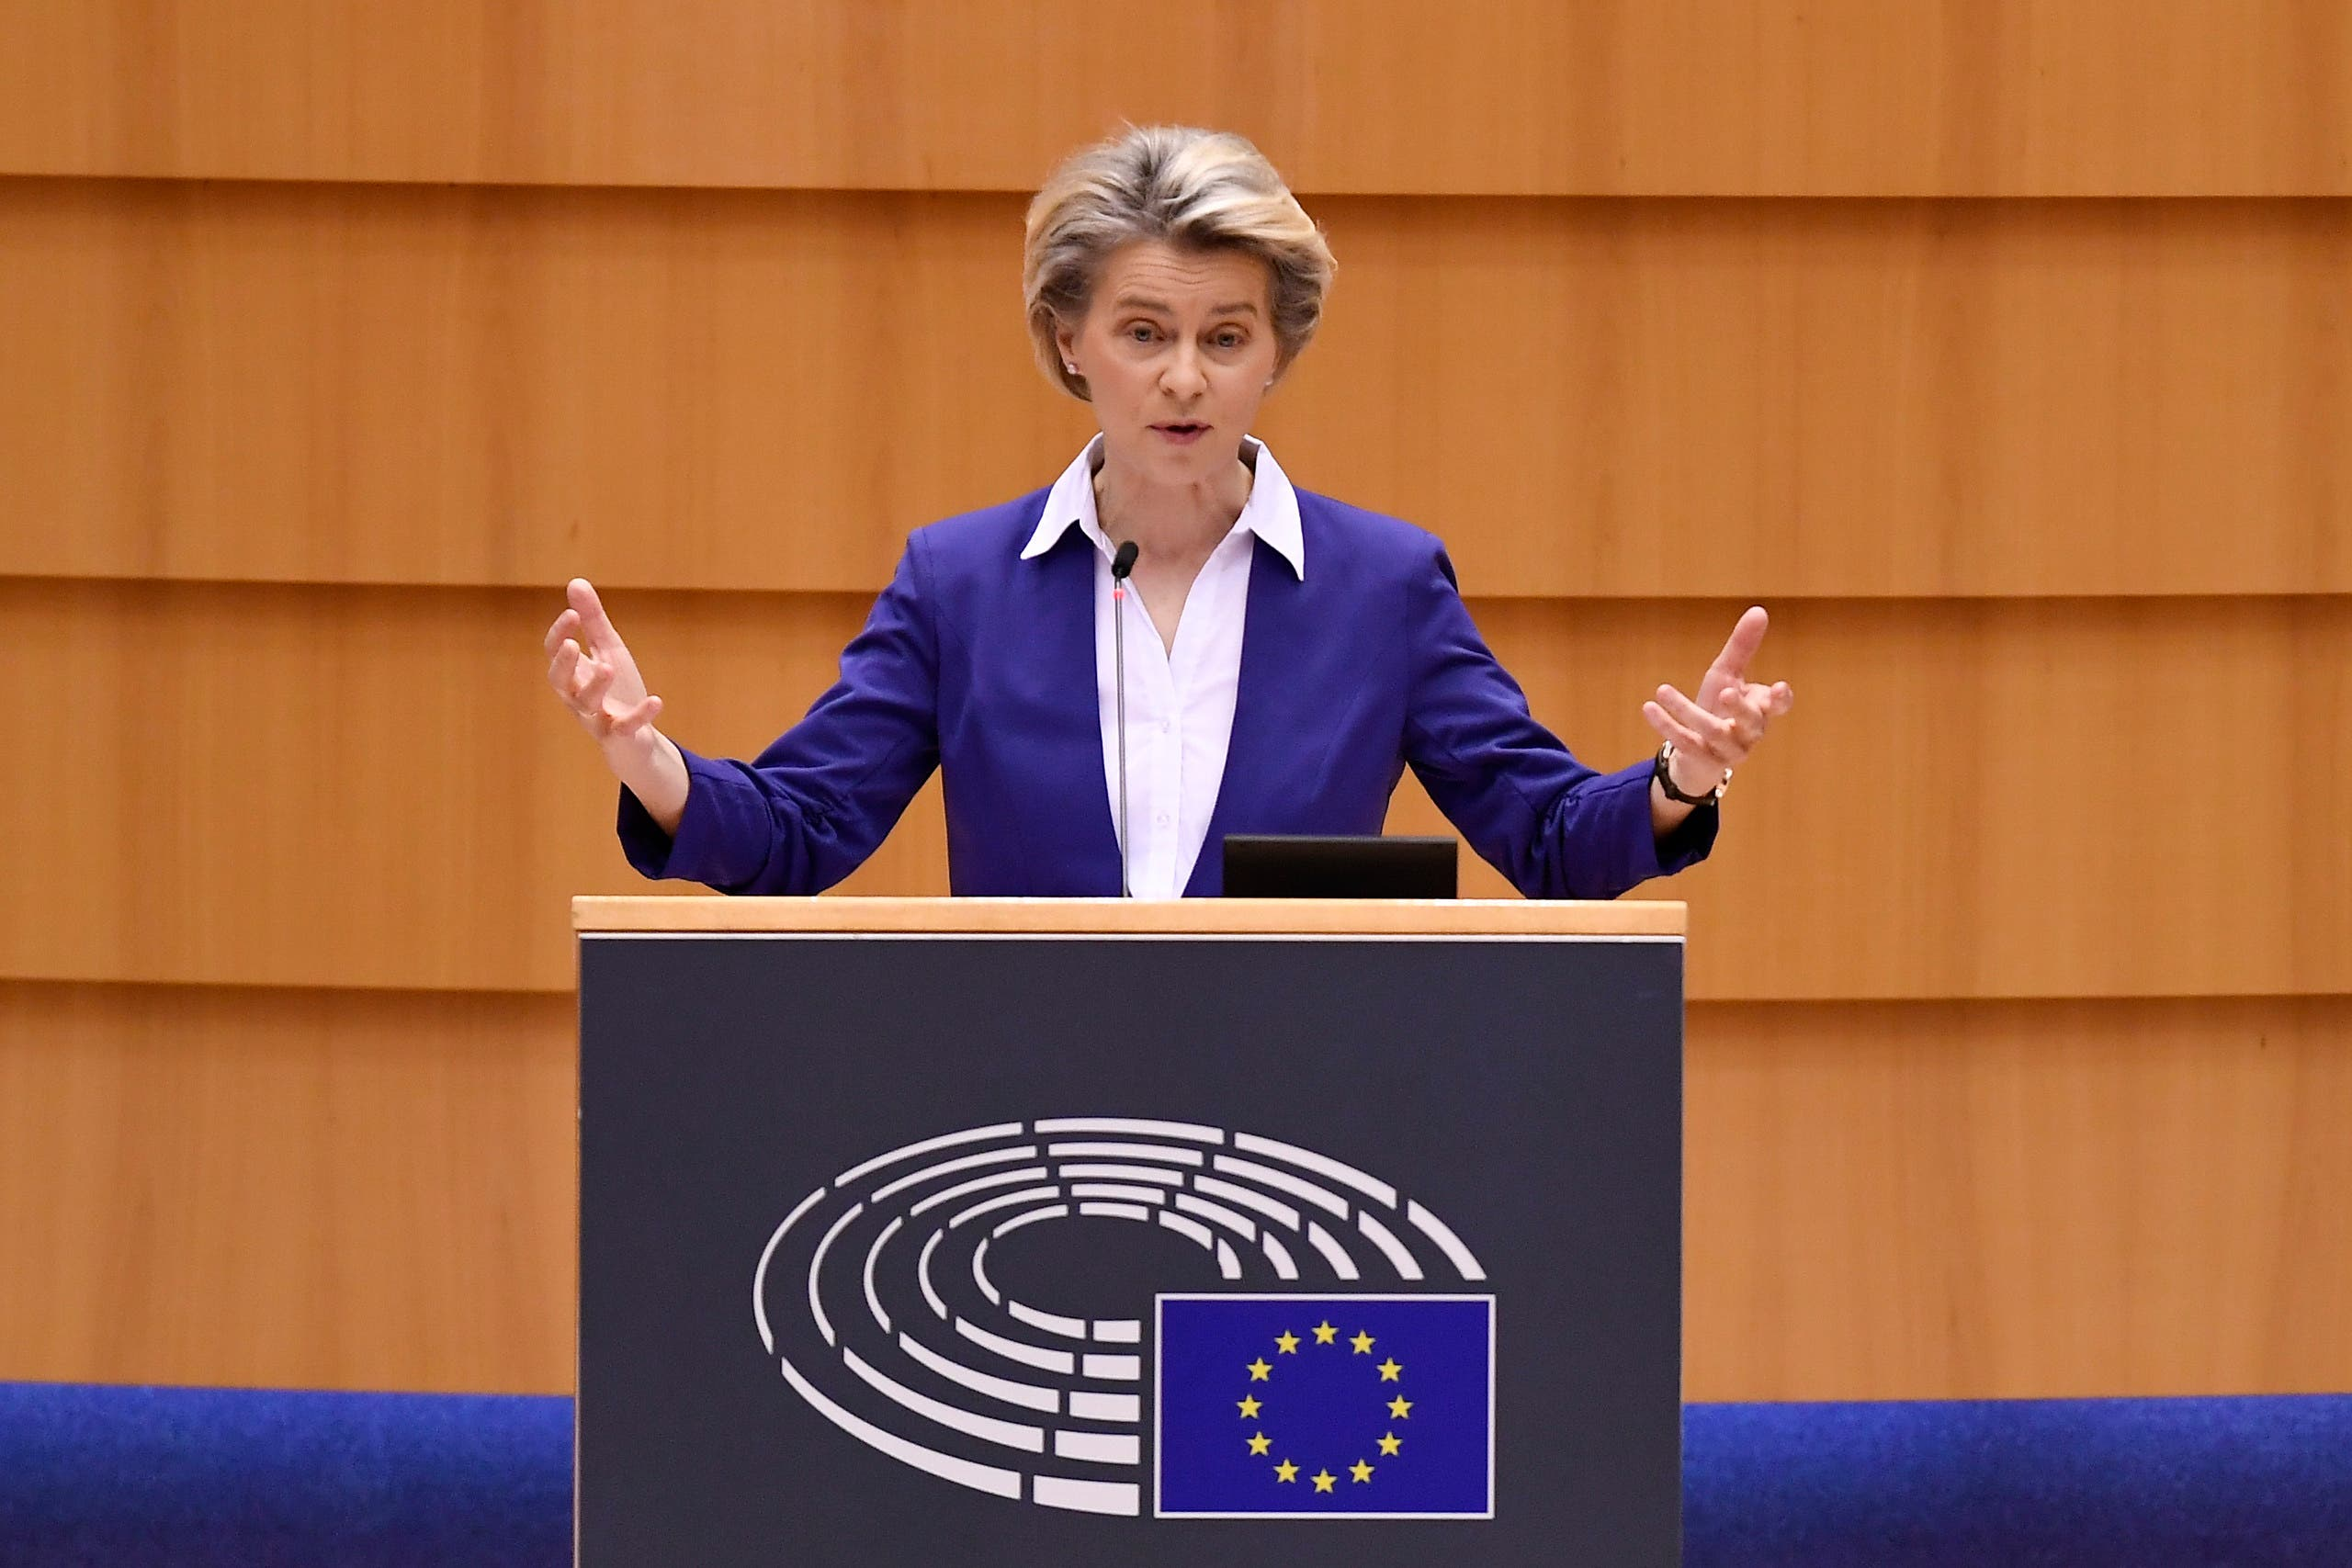 رئیس کمیسیون اروپا اورسولا فون در لاین در یک جلسه پارلمان اروپا صحبت می کند